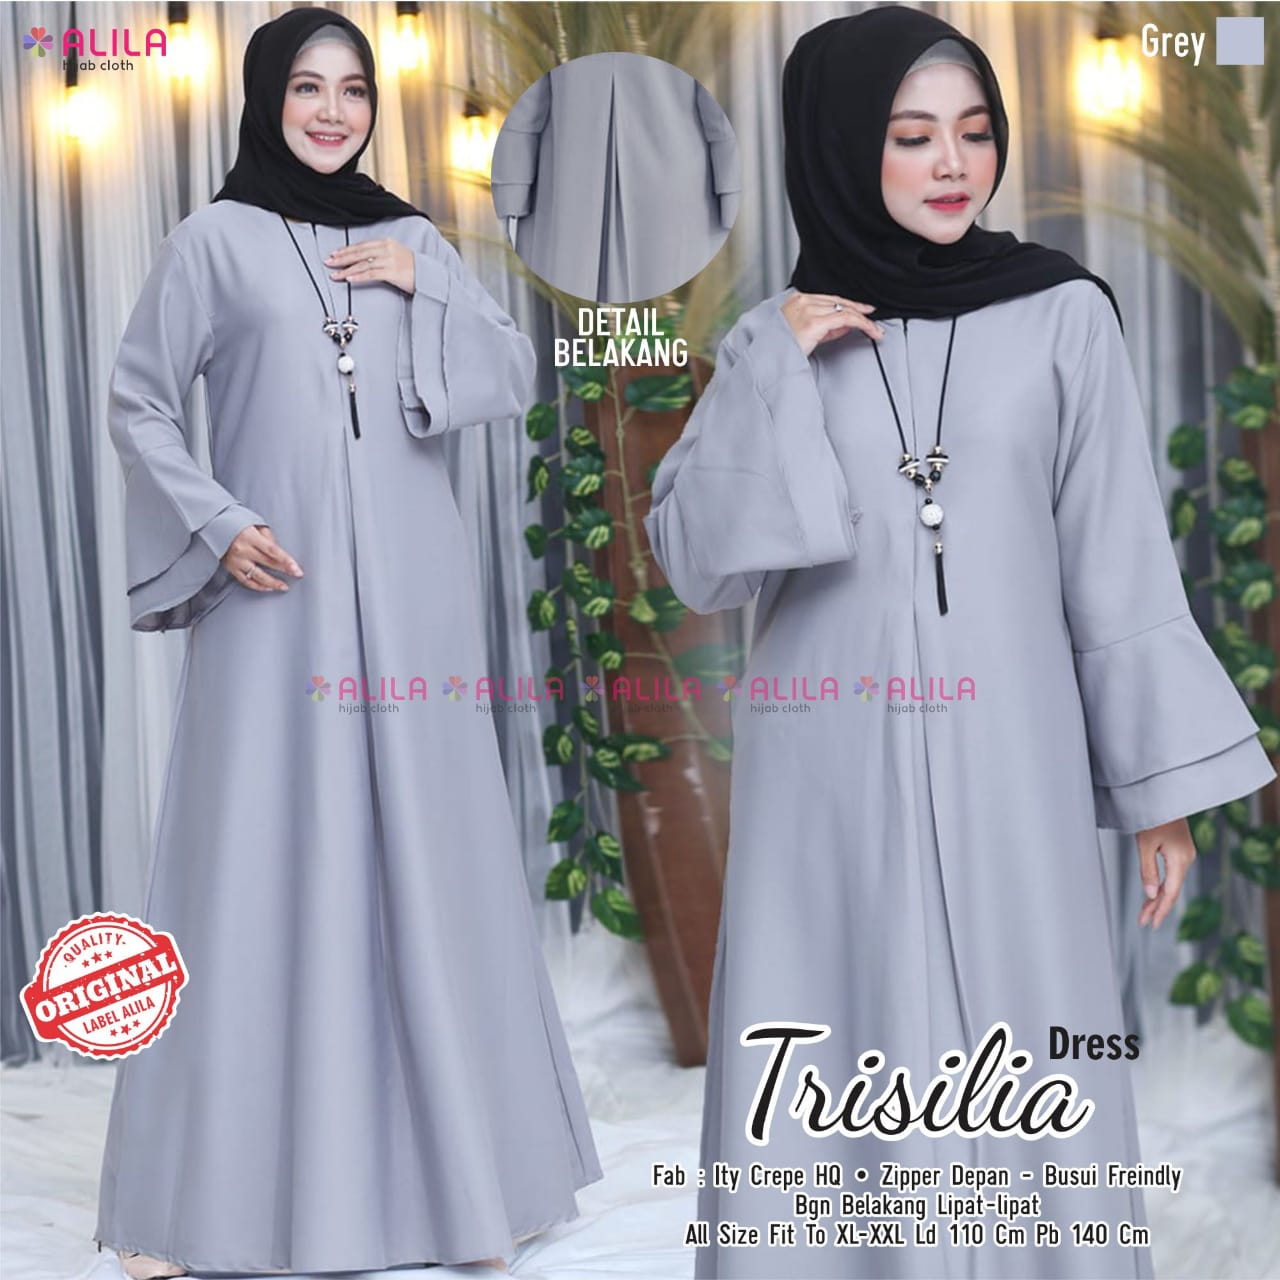 Trisilia Dress Ity Crepe HQ  Baju muslim syari terbaru 9 toko baju  muslim di solomodel long dress untuk orang gemuk model kebaya dress  panjang